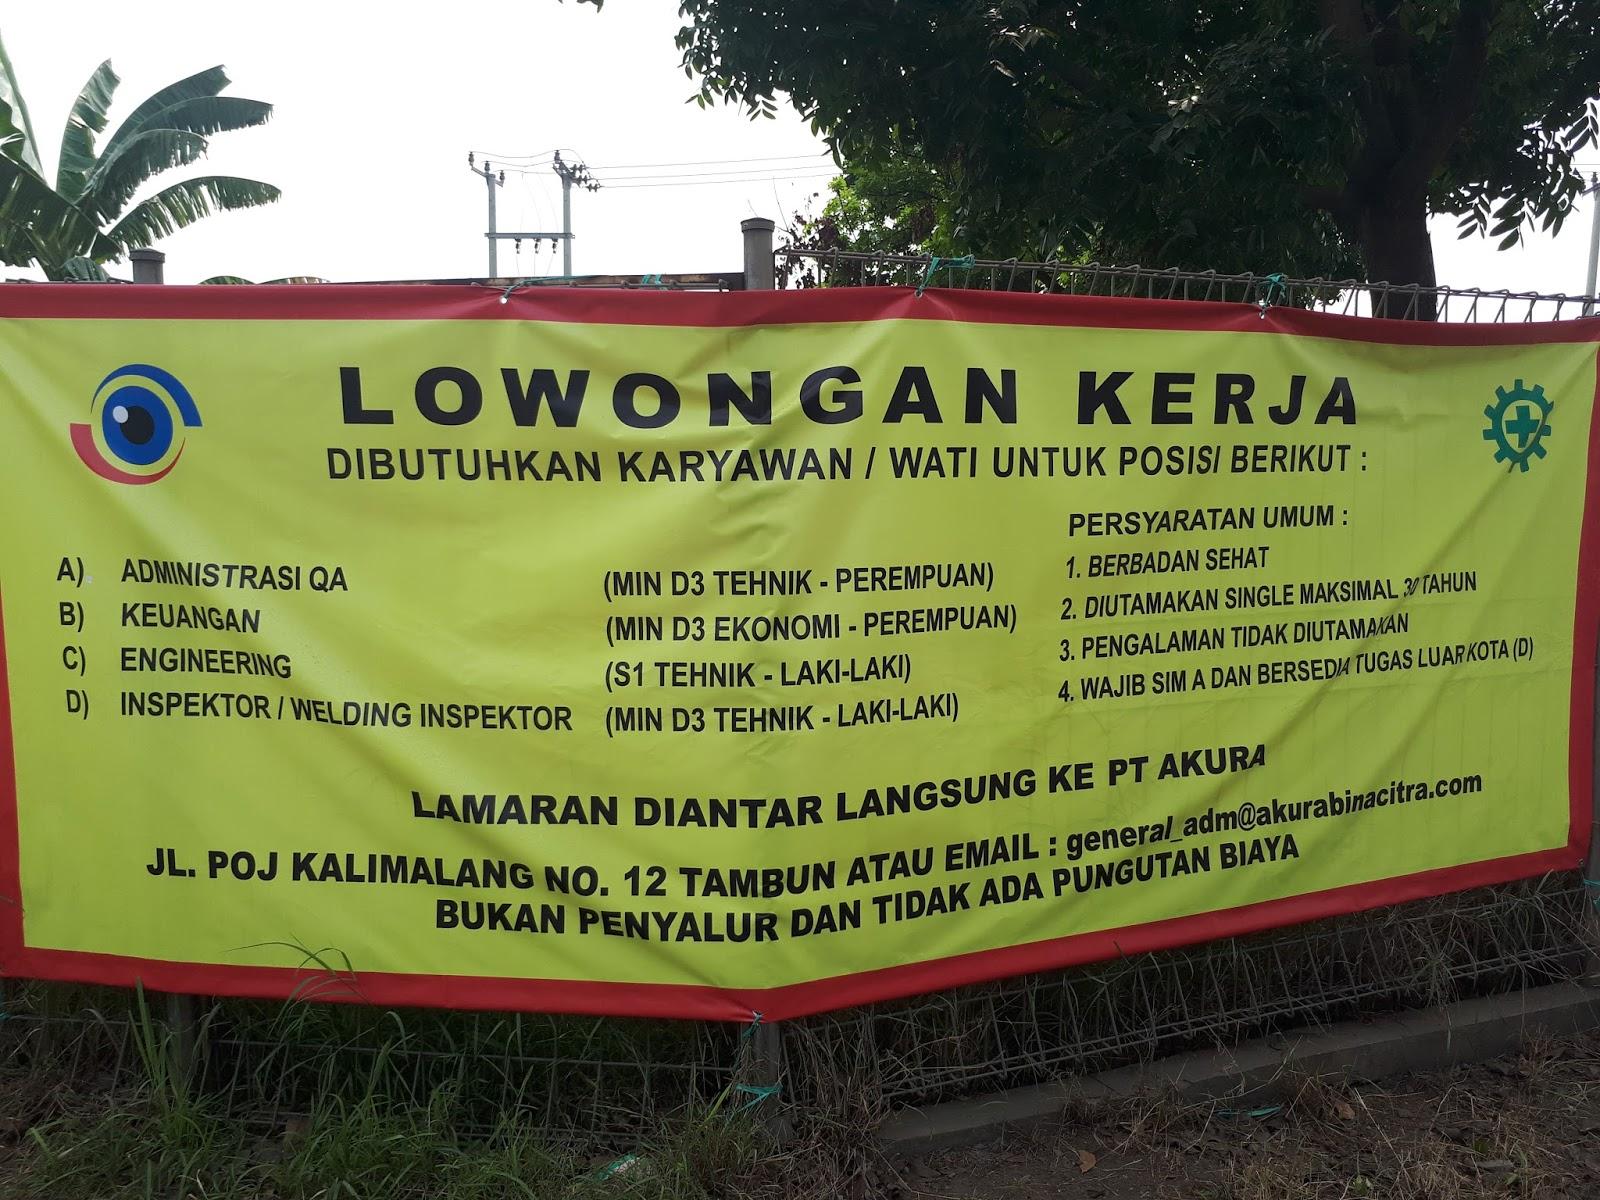 Lowongan Kerja PT AKURA BINA CITRA (Dibulan November 2018)